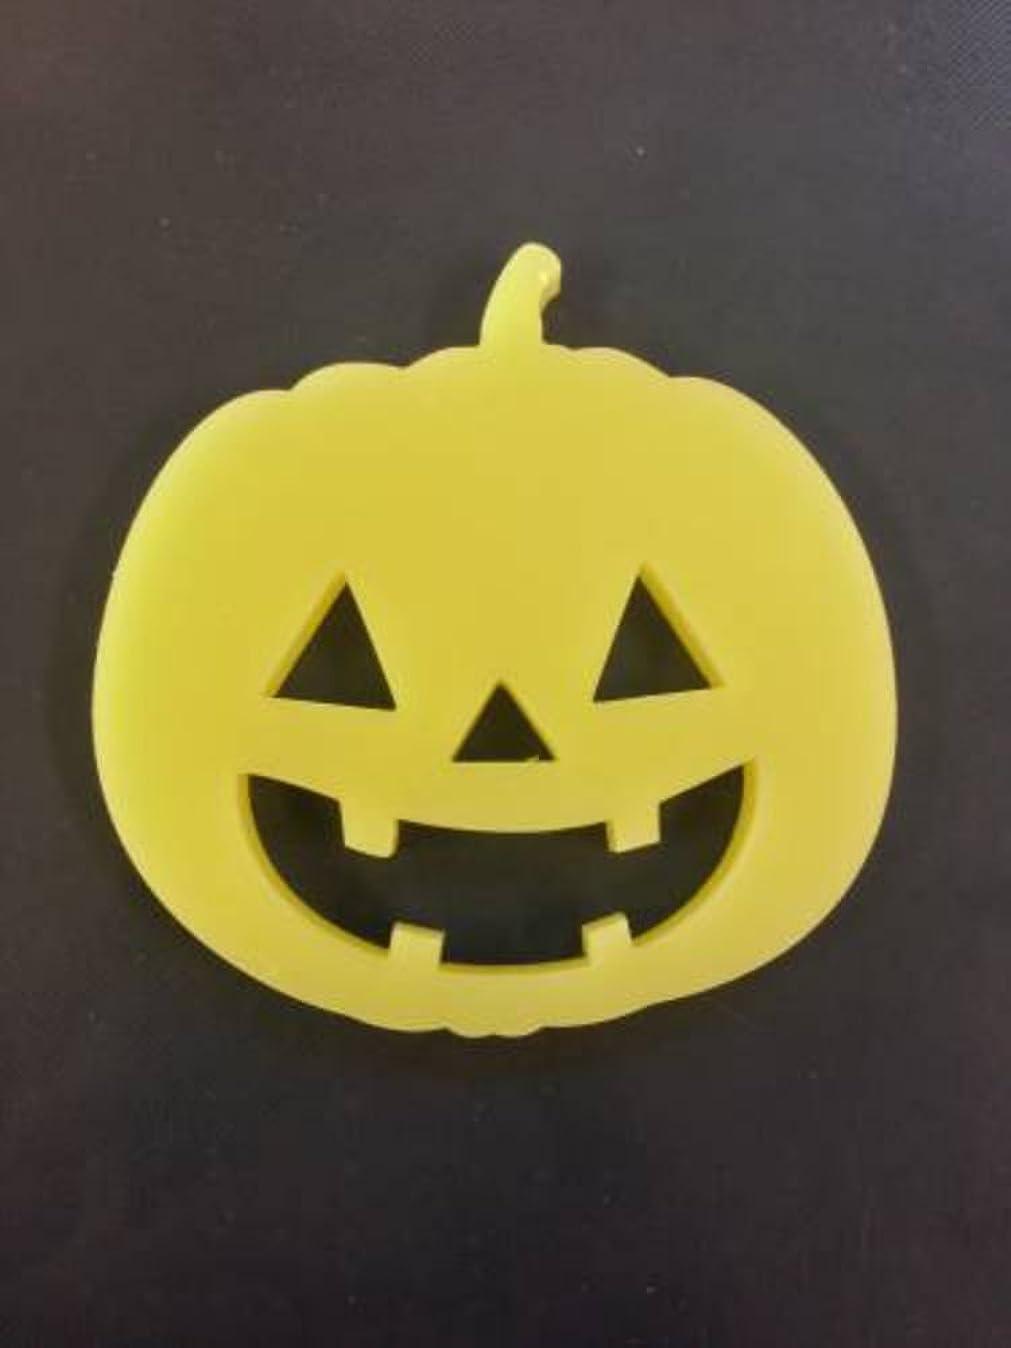 集中移植激怒GRASSE TOKYO AROMATICWAXチャーム「ハロウィンかぼちゃ」(YE) ベルガモット アロマティックワックス グラーストウキョウ